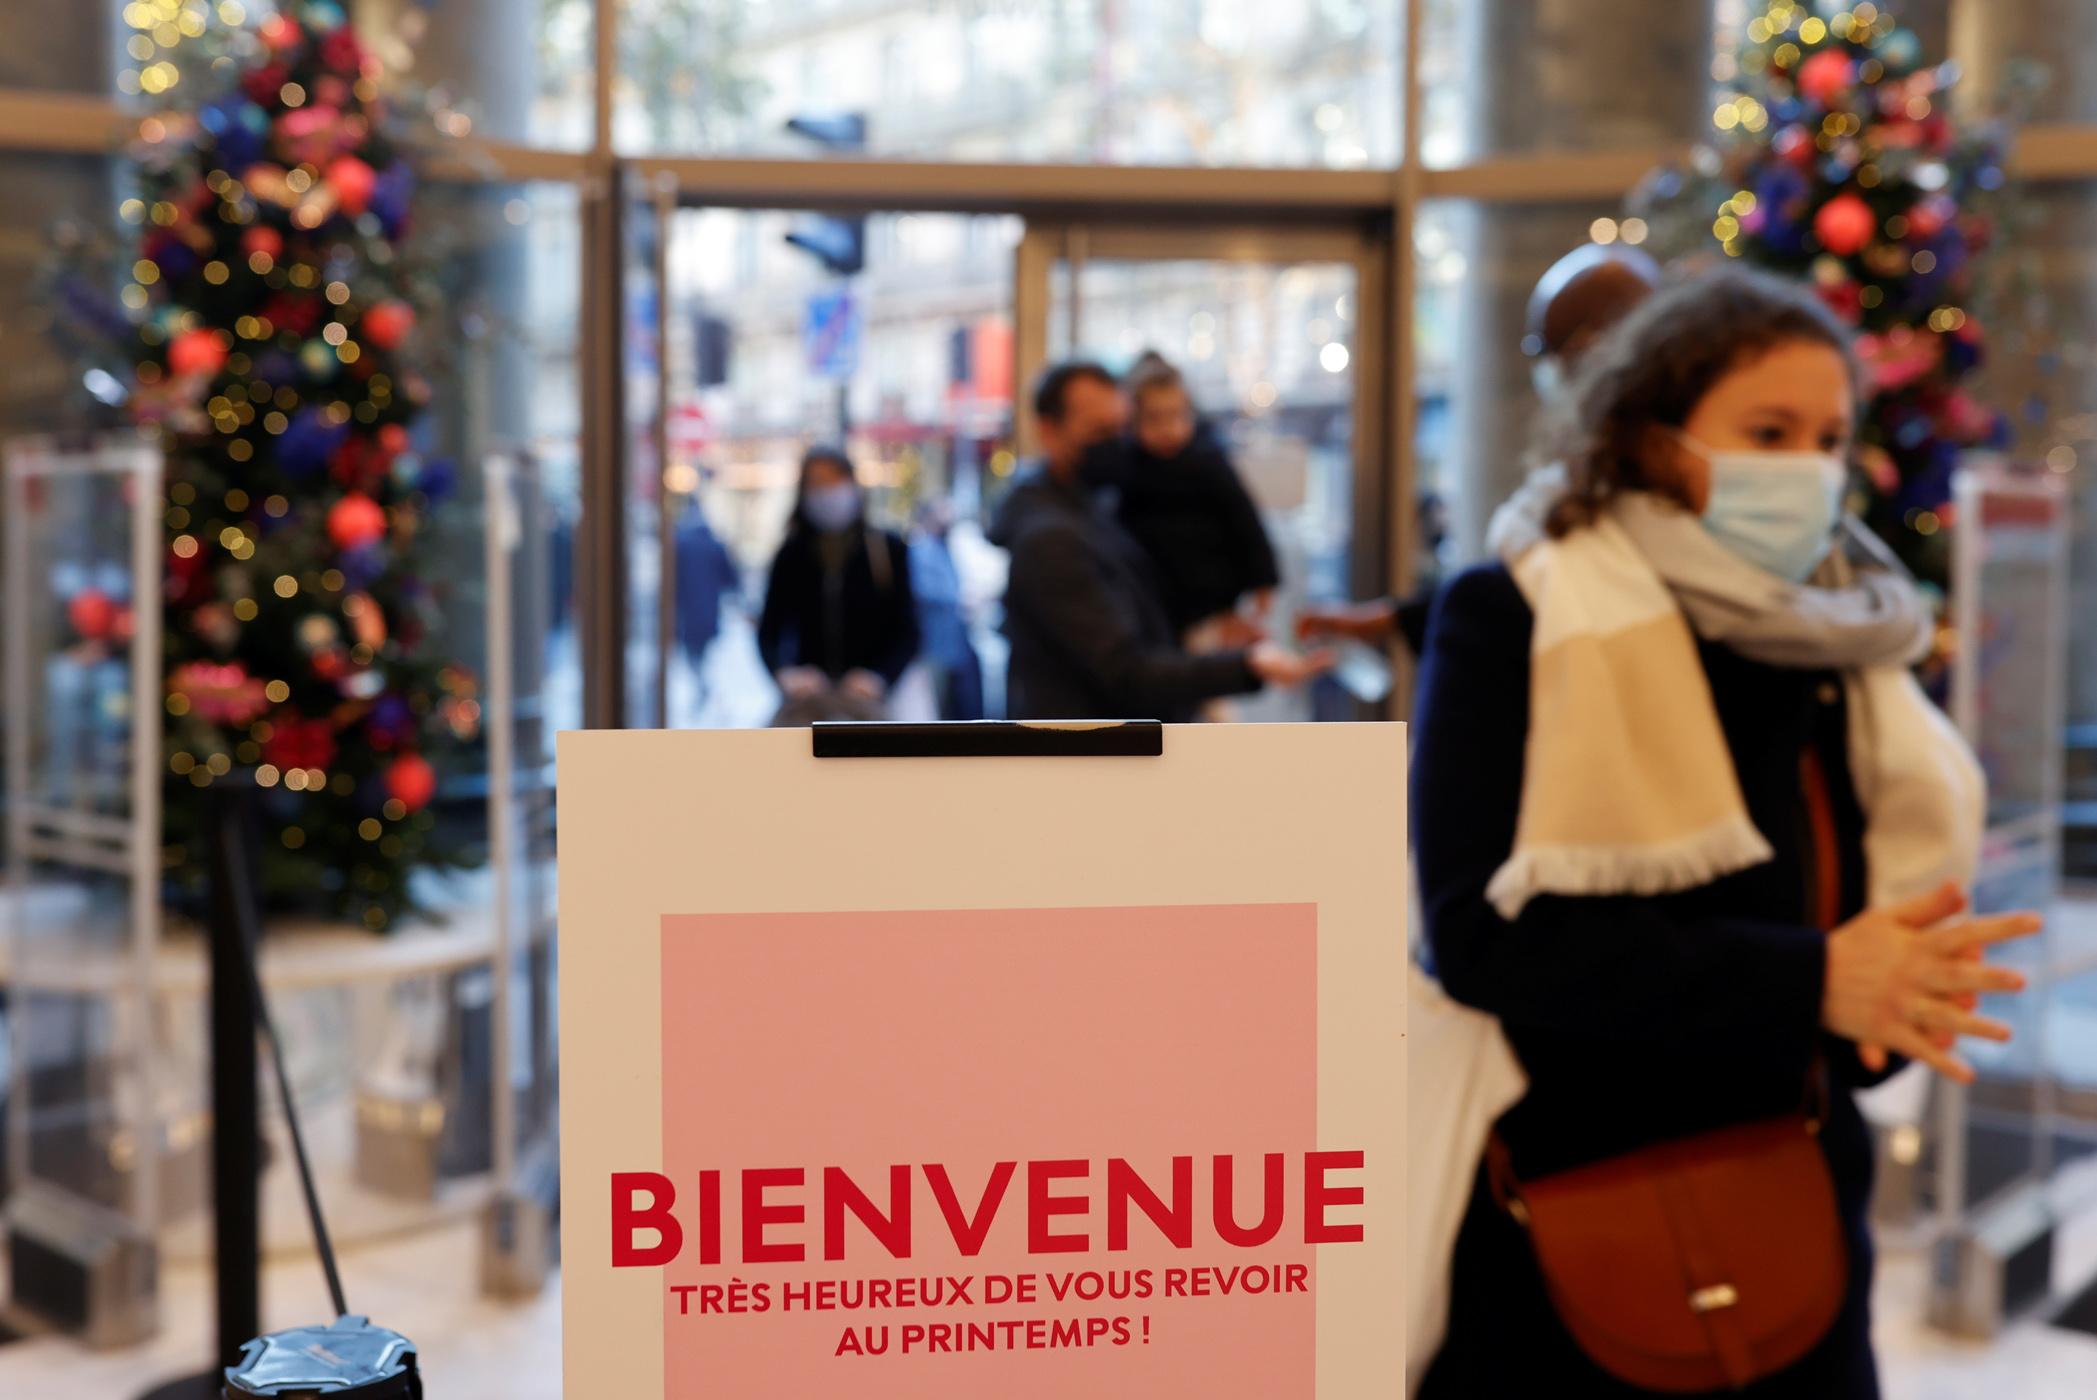 Γαλλία: «Δεν θα επιστρέψουμε στην κανονικότητα πριν το φθινόπωρο του 2021»